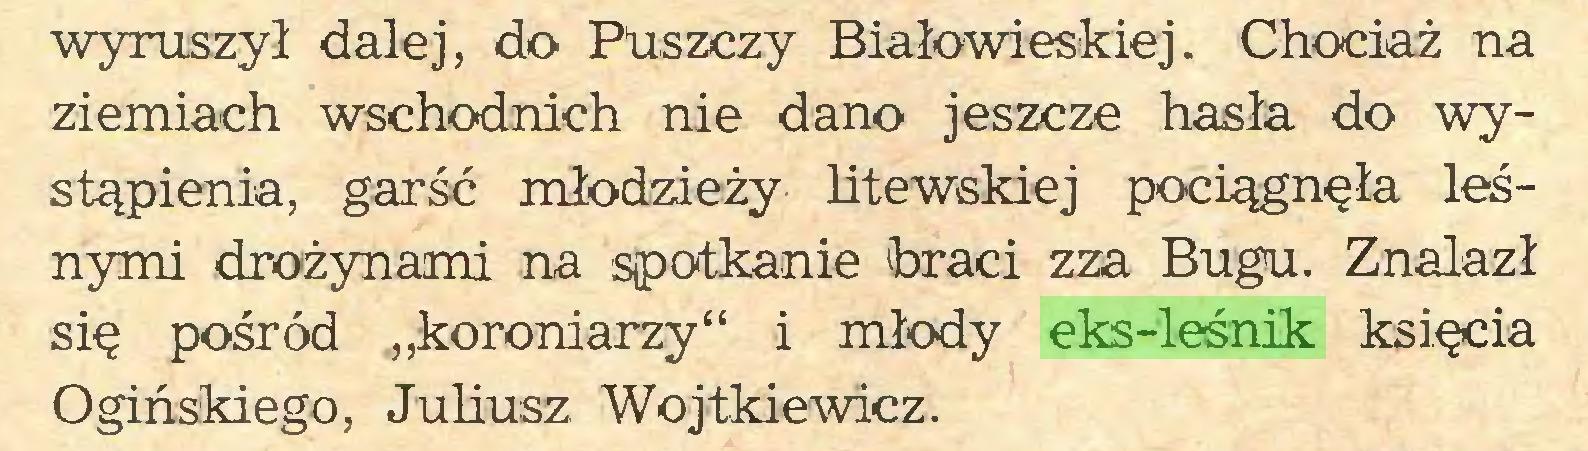 """(...) wyruszył dalej, do Puszczy Białowieskiej. Chociaż na ziemiach wschodnich nie dano jeszcze hasła do wystąpienia, garść młodzieży litewskiej pociągnęła leśnymi drożynami na spotkanie braci zza Bugu. Znalazł się pośród """"koroniarzy"""" i młody eks-leśnik księcia Ogińskiego, Juliusz Wojtkiewicz..."""